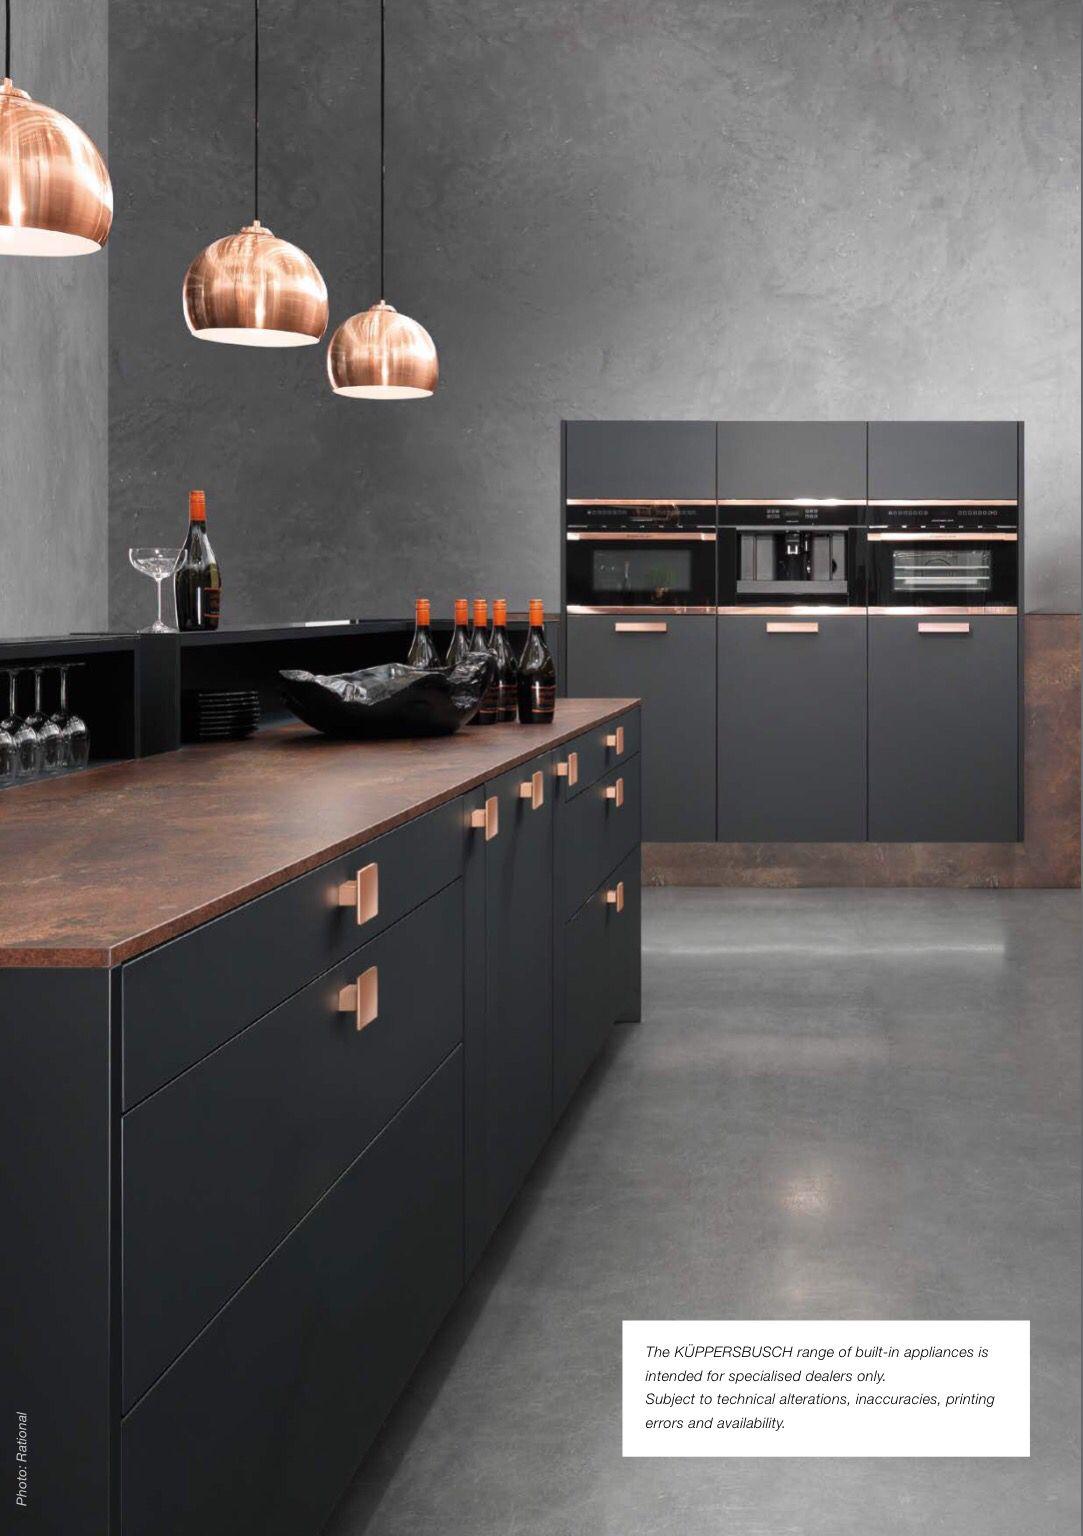 Erfreut Kücheentwerfer Jobs North Yorkshire Galerie - Ideen Für Die ...